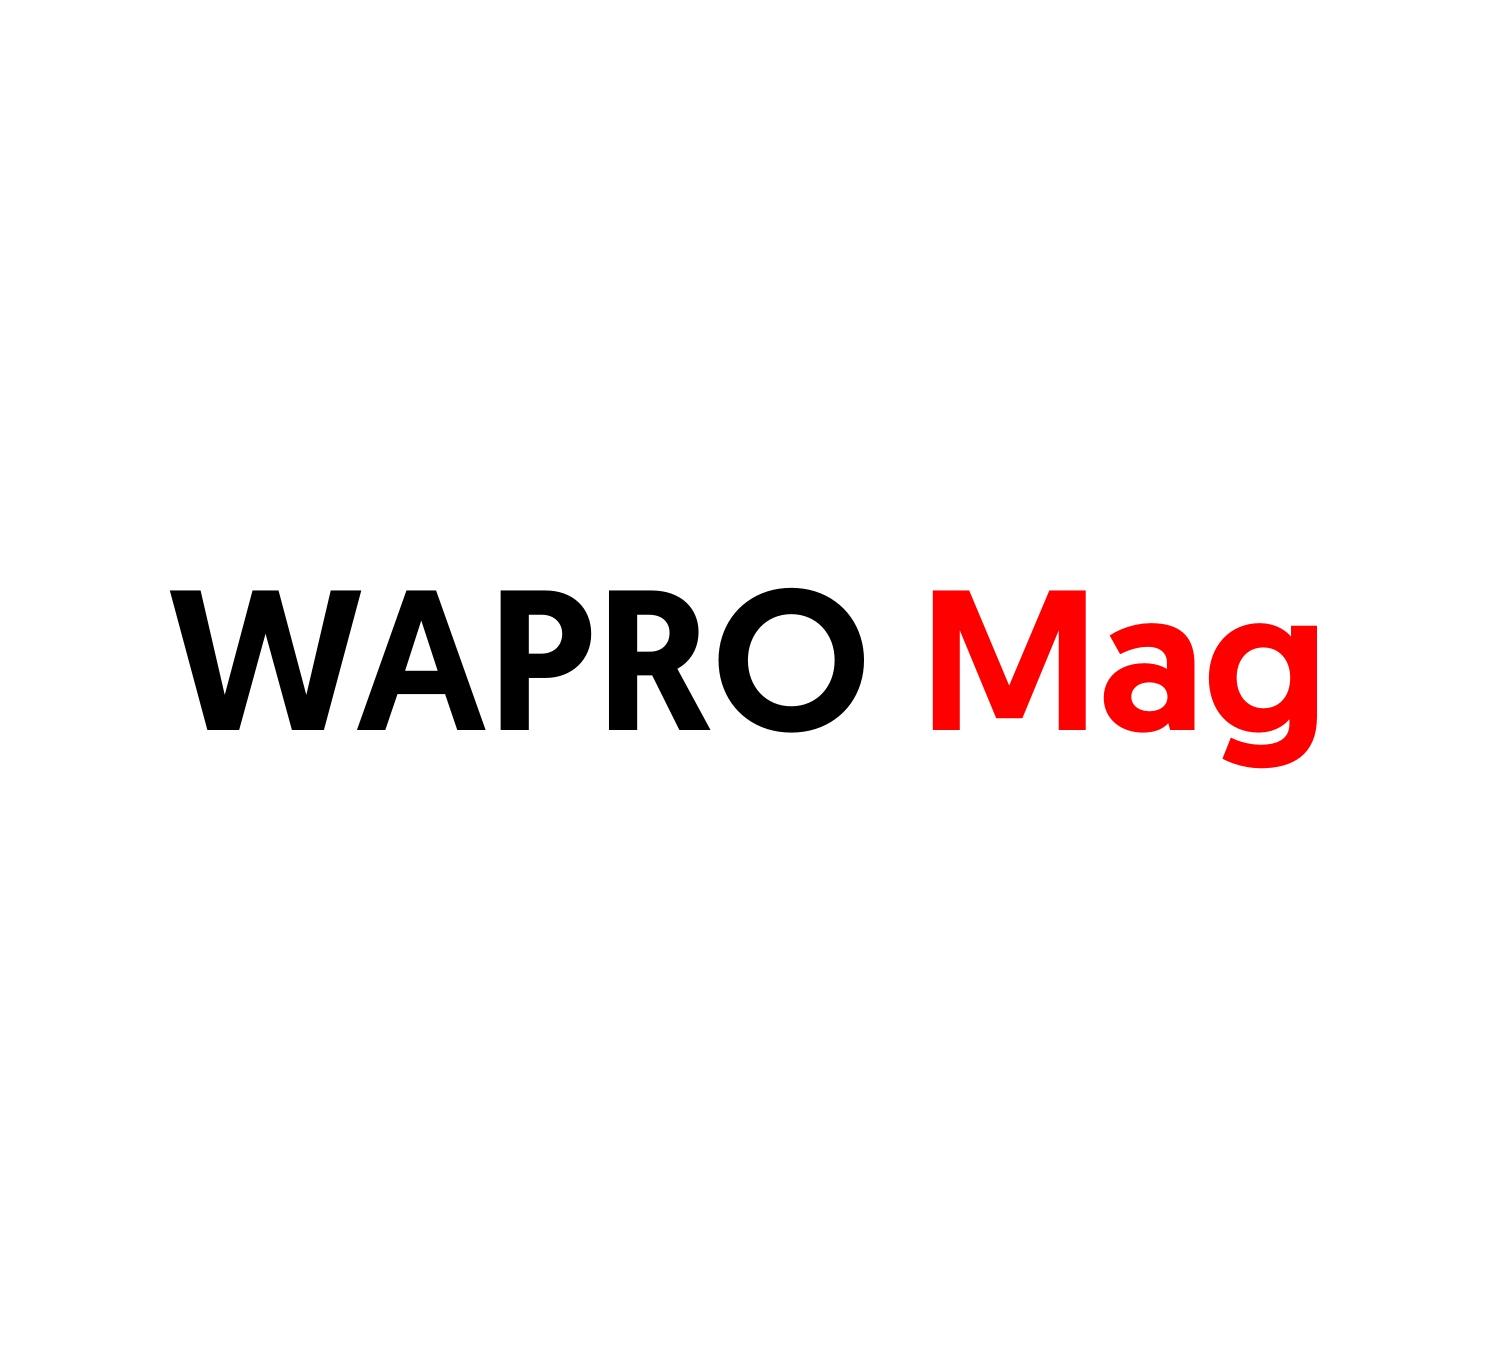 WAPRO Mag (WF-Mag)